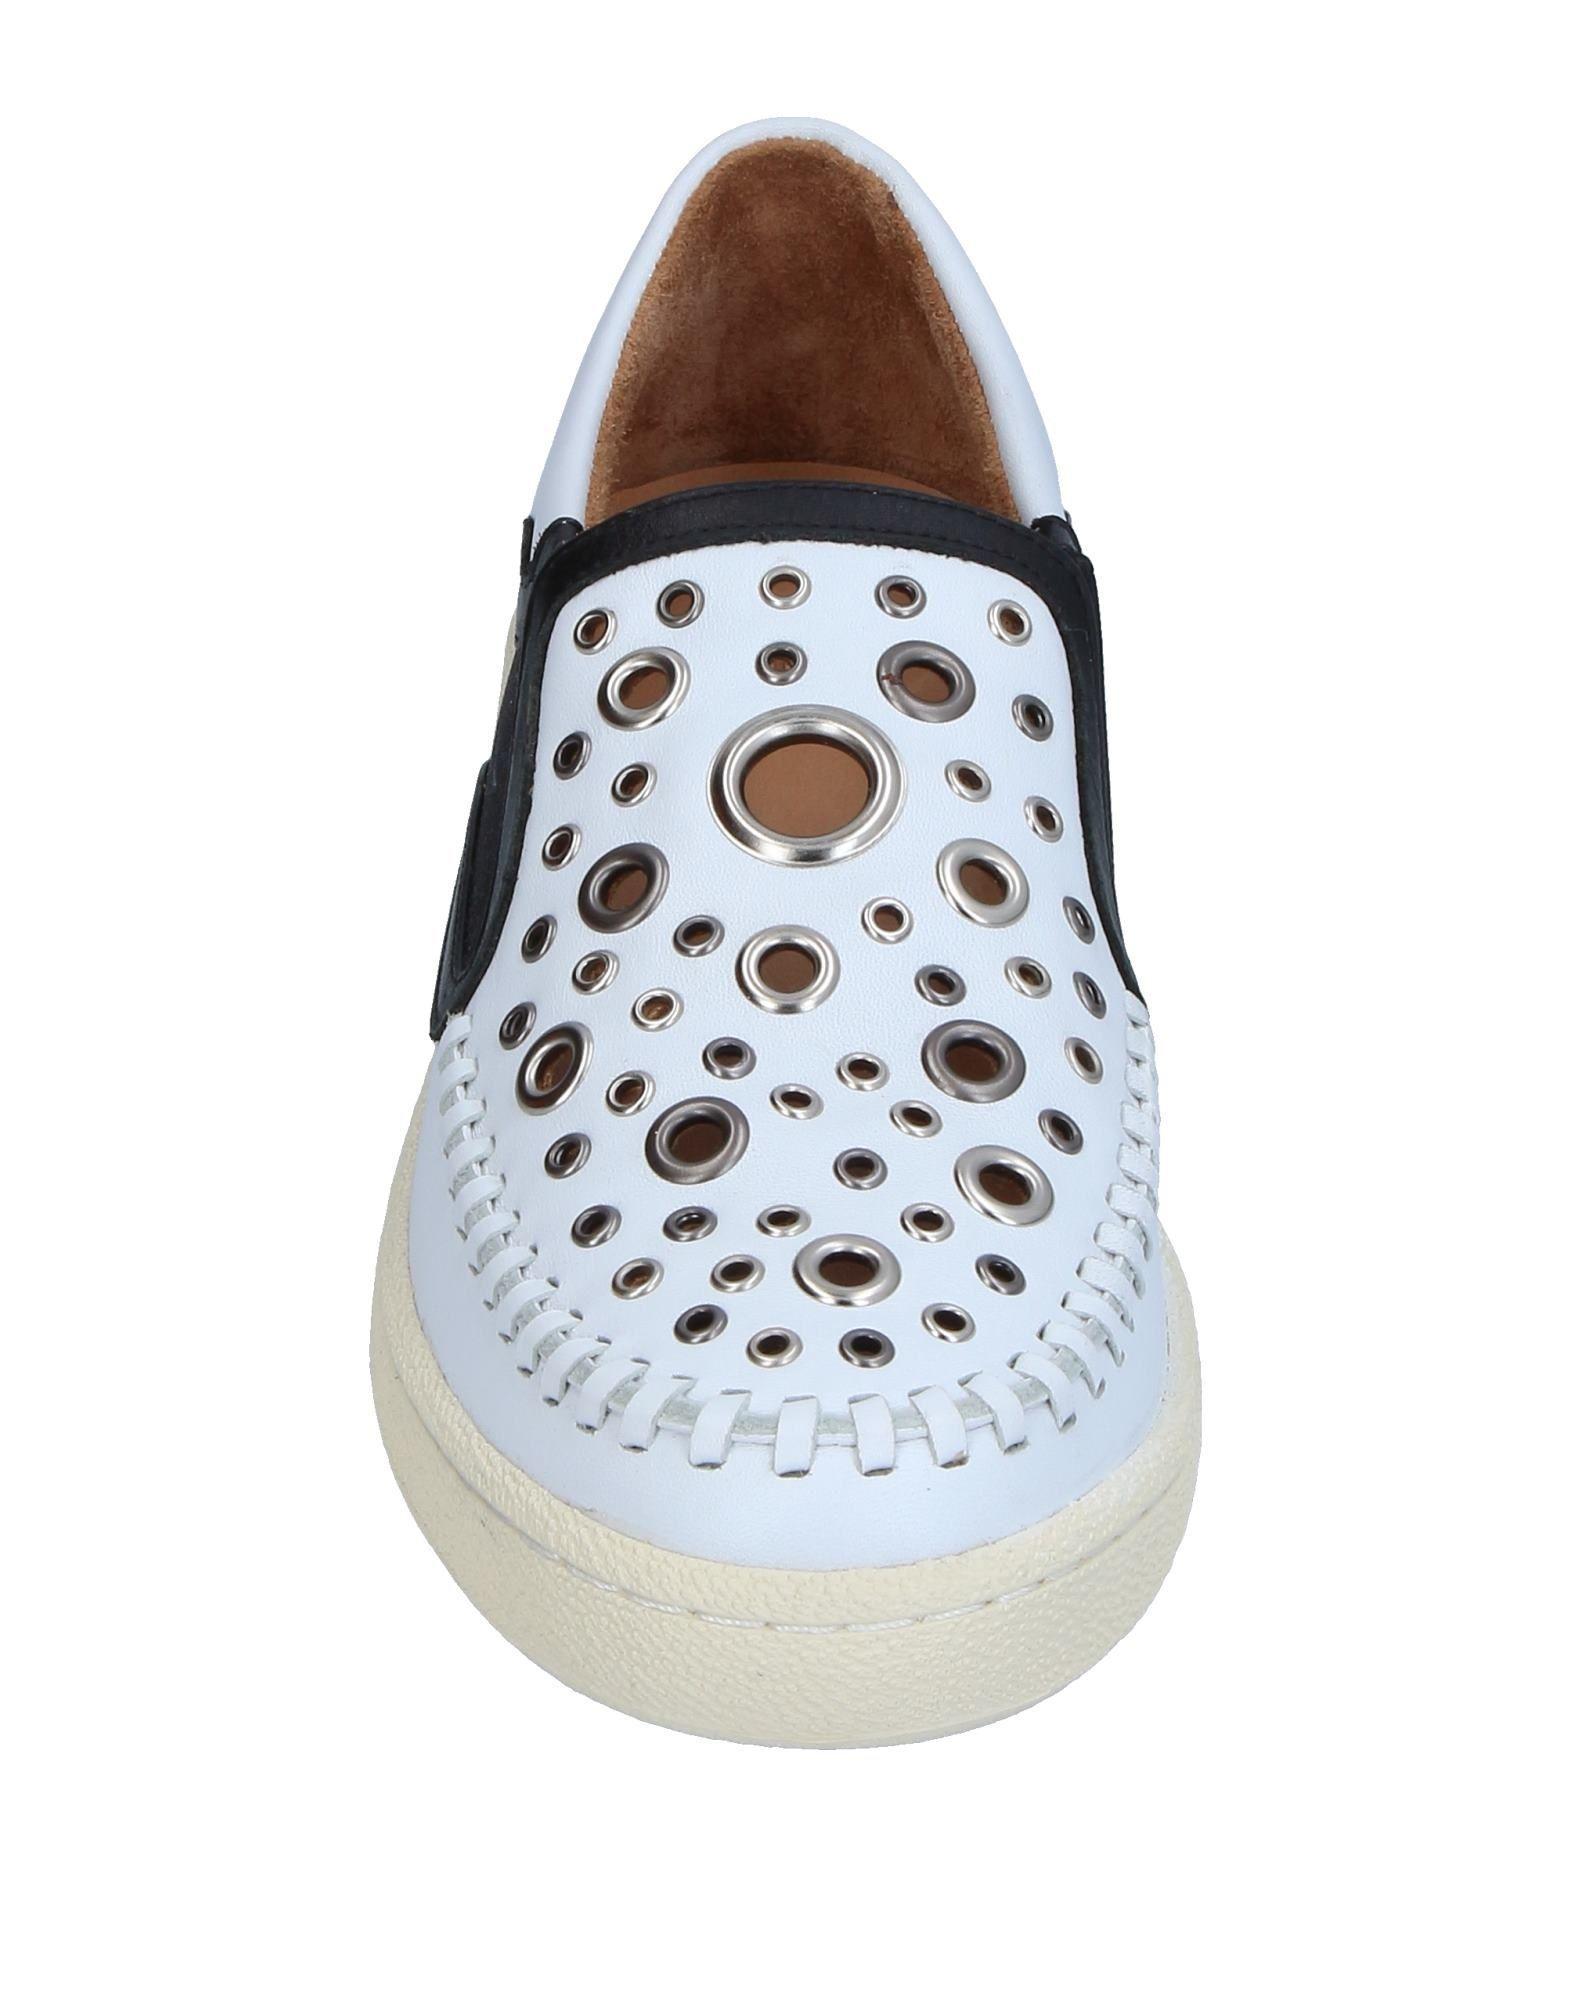 FOOTWEAR - Low-tops & sneakers Thakoon Jxqg1L9V3